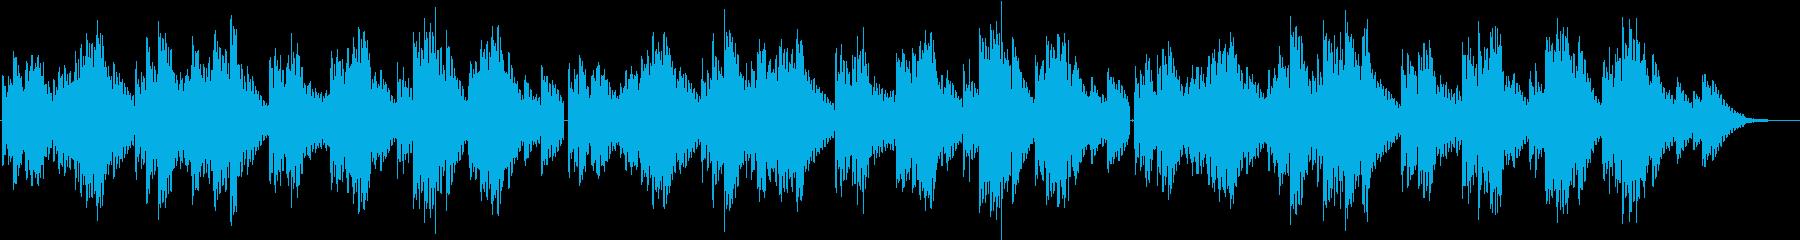 しっとりと優しい音色の3拍子エレピソロ曲の再生済みの波形